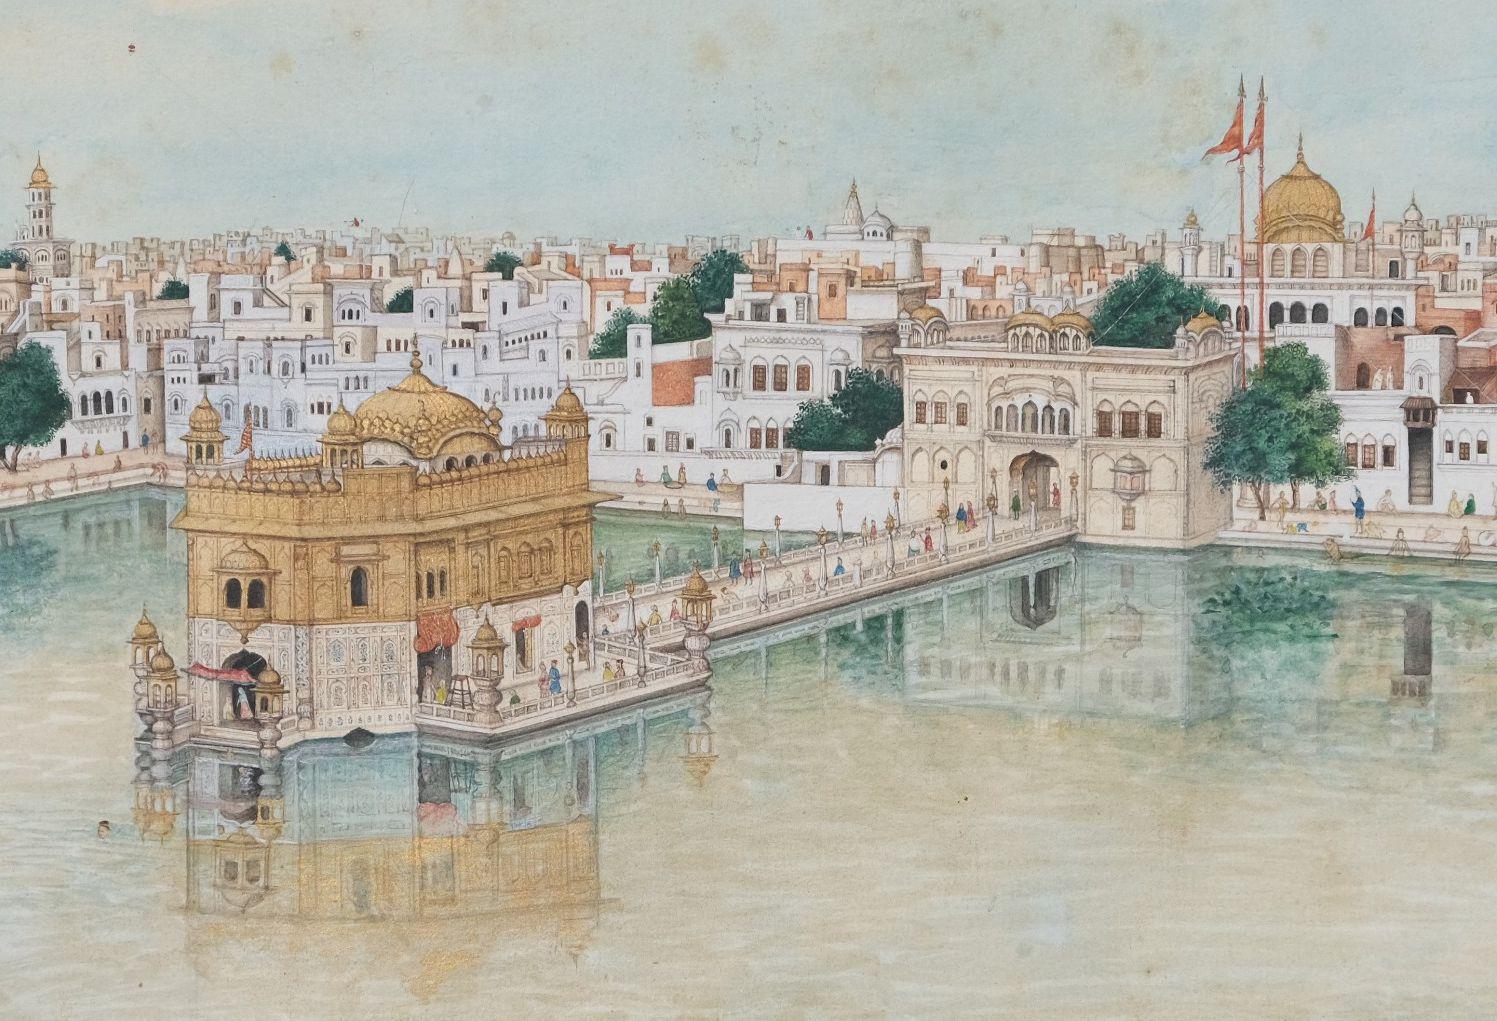 Scènes de vie au Harmandir Sahib, le Temple d'Or d'Amritsar Inde du nord, Penjab, Amritsar - Image 2 of 9